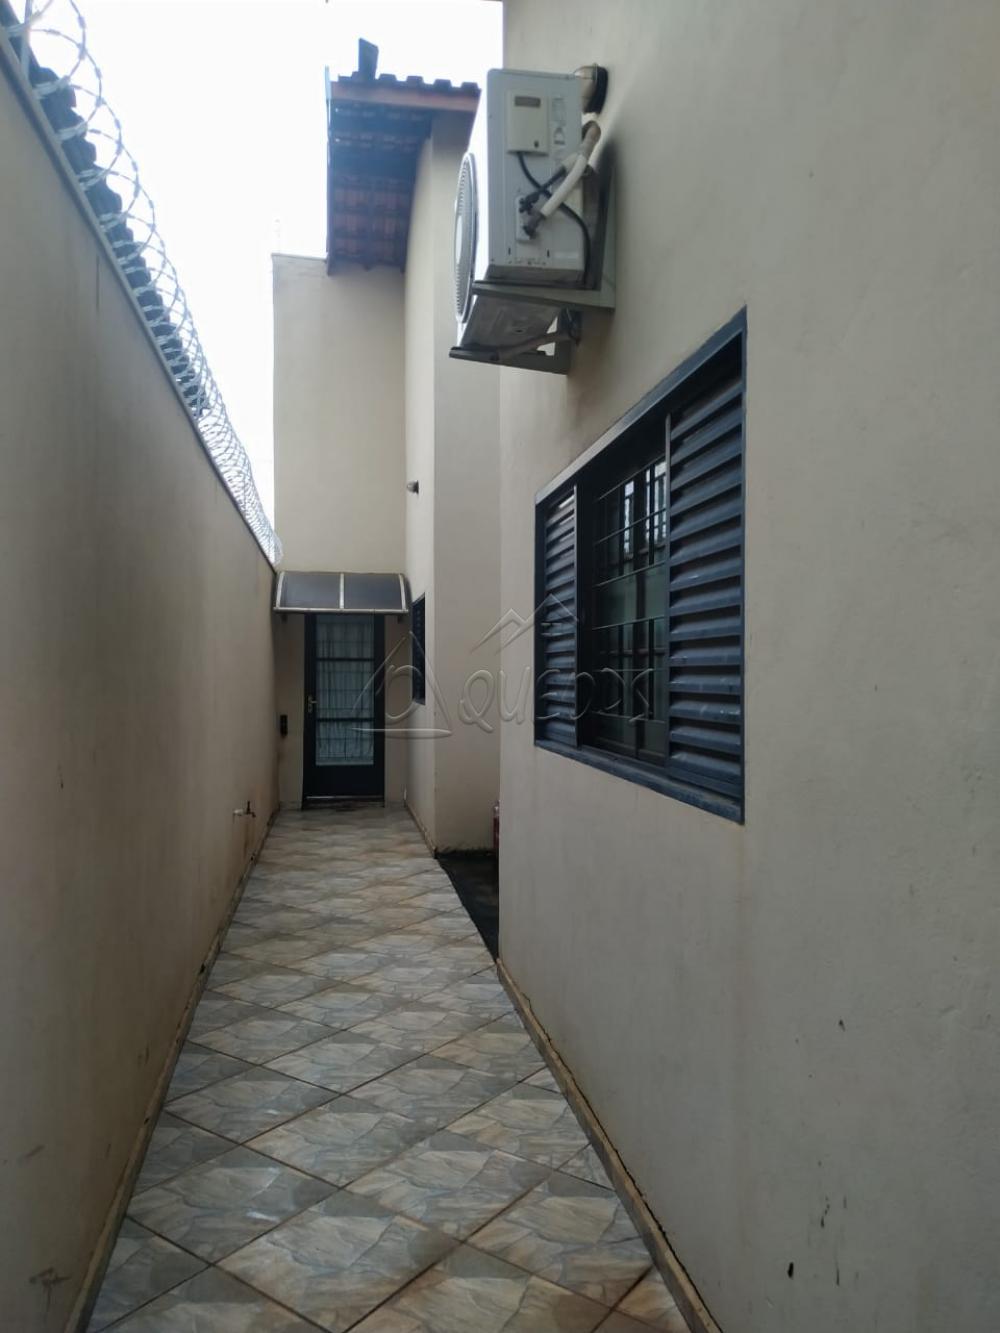 Comprar Casa / Padrão em Barretos apenas R$ 270.000,00 - Foto 16